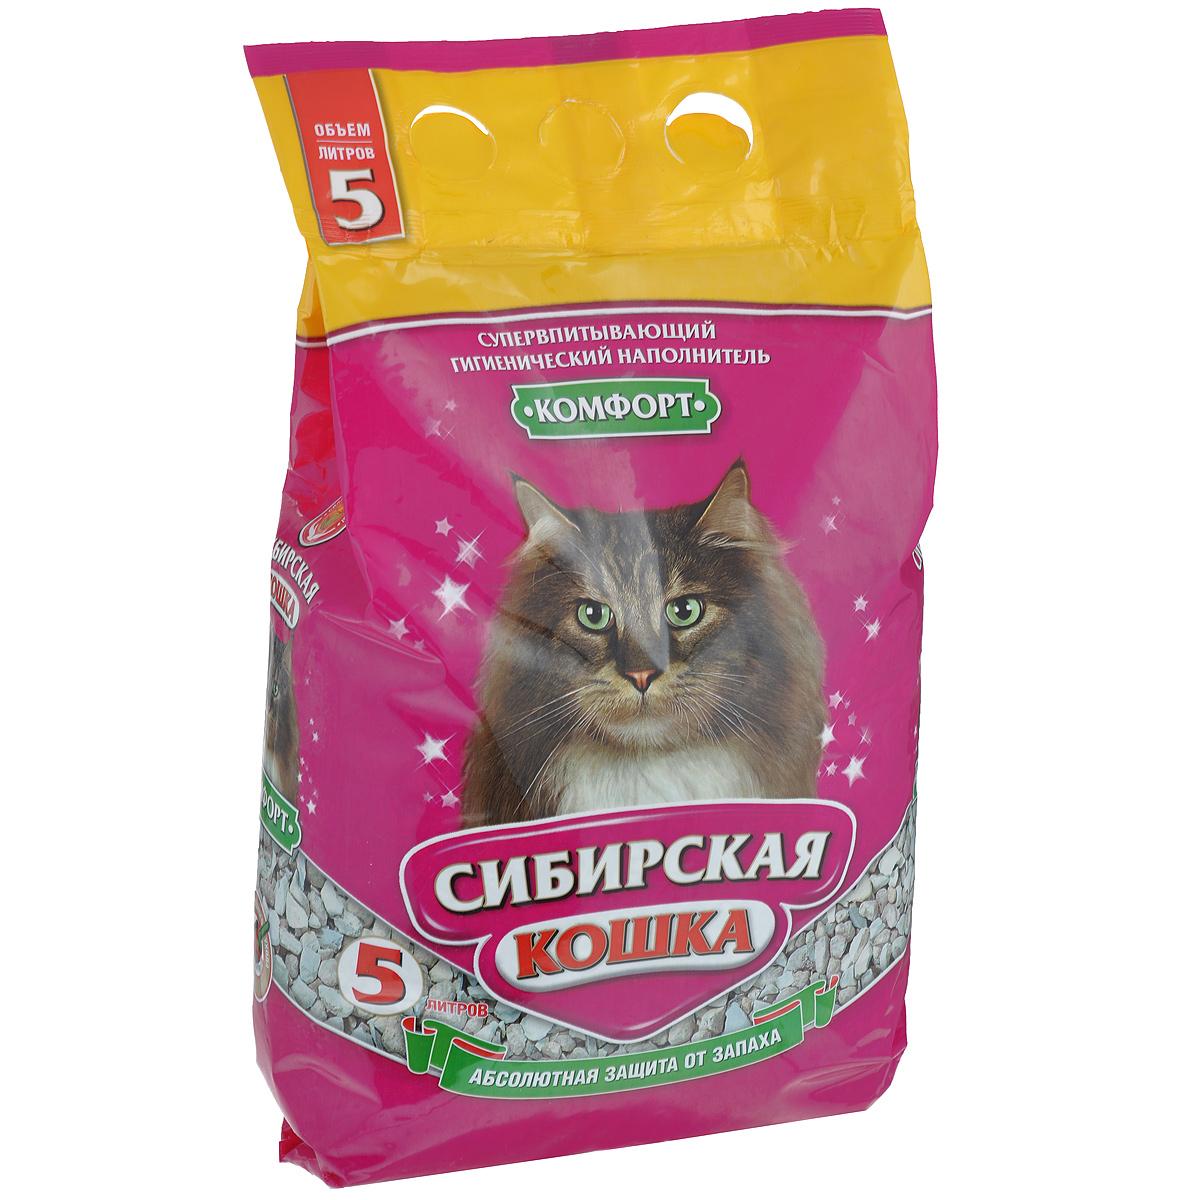 Наполнитель для кошачьих туалетов Сибирская Кошка Комфорт, 5 л0120710Экологически чистый супервпитывающий наполнитель для кошачьих туалетовСибирская Кошка Комфорт производится из опоки - легкой, твердой, кремнистойсильно-тонко-пористой горной породы, богатой (до 97%) аморфным кремнеземом,с примесью песка и глинистых частиц. Опока - сильный адсорбент. Полностьюпоглощает все неприятные запахи, подавляет рост бактерий и другихмикроорганизмов. Быстро впитывает влагу. Не образует никаких комков и грязи,поэтому не требуется ежедневного ухода за кошачьим туалетом. Состав: опока (горная порода). Объем: 5 л. Товар сертифицирован.